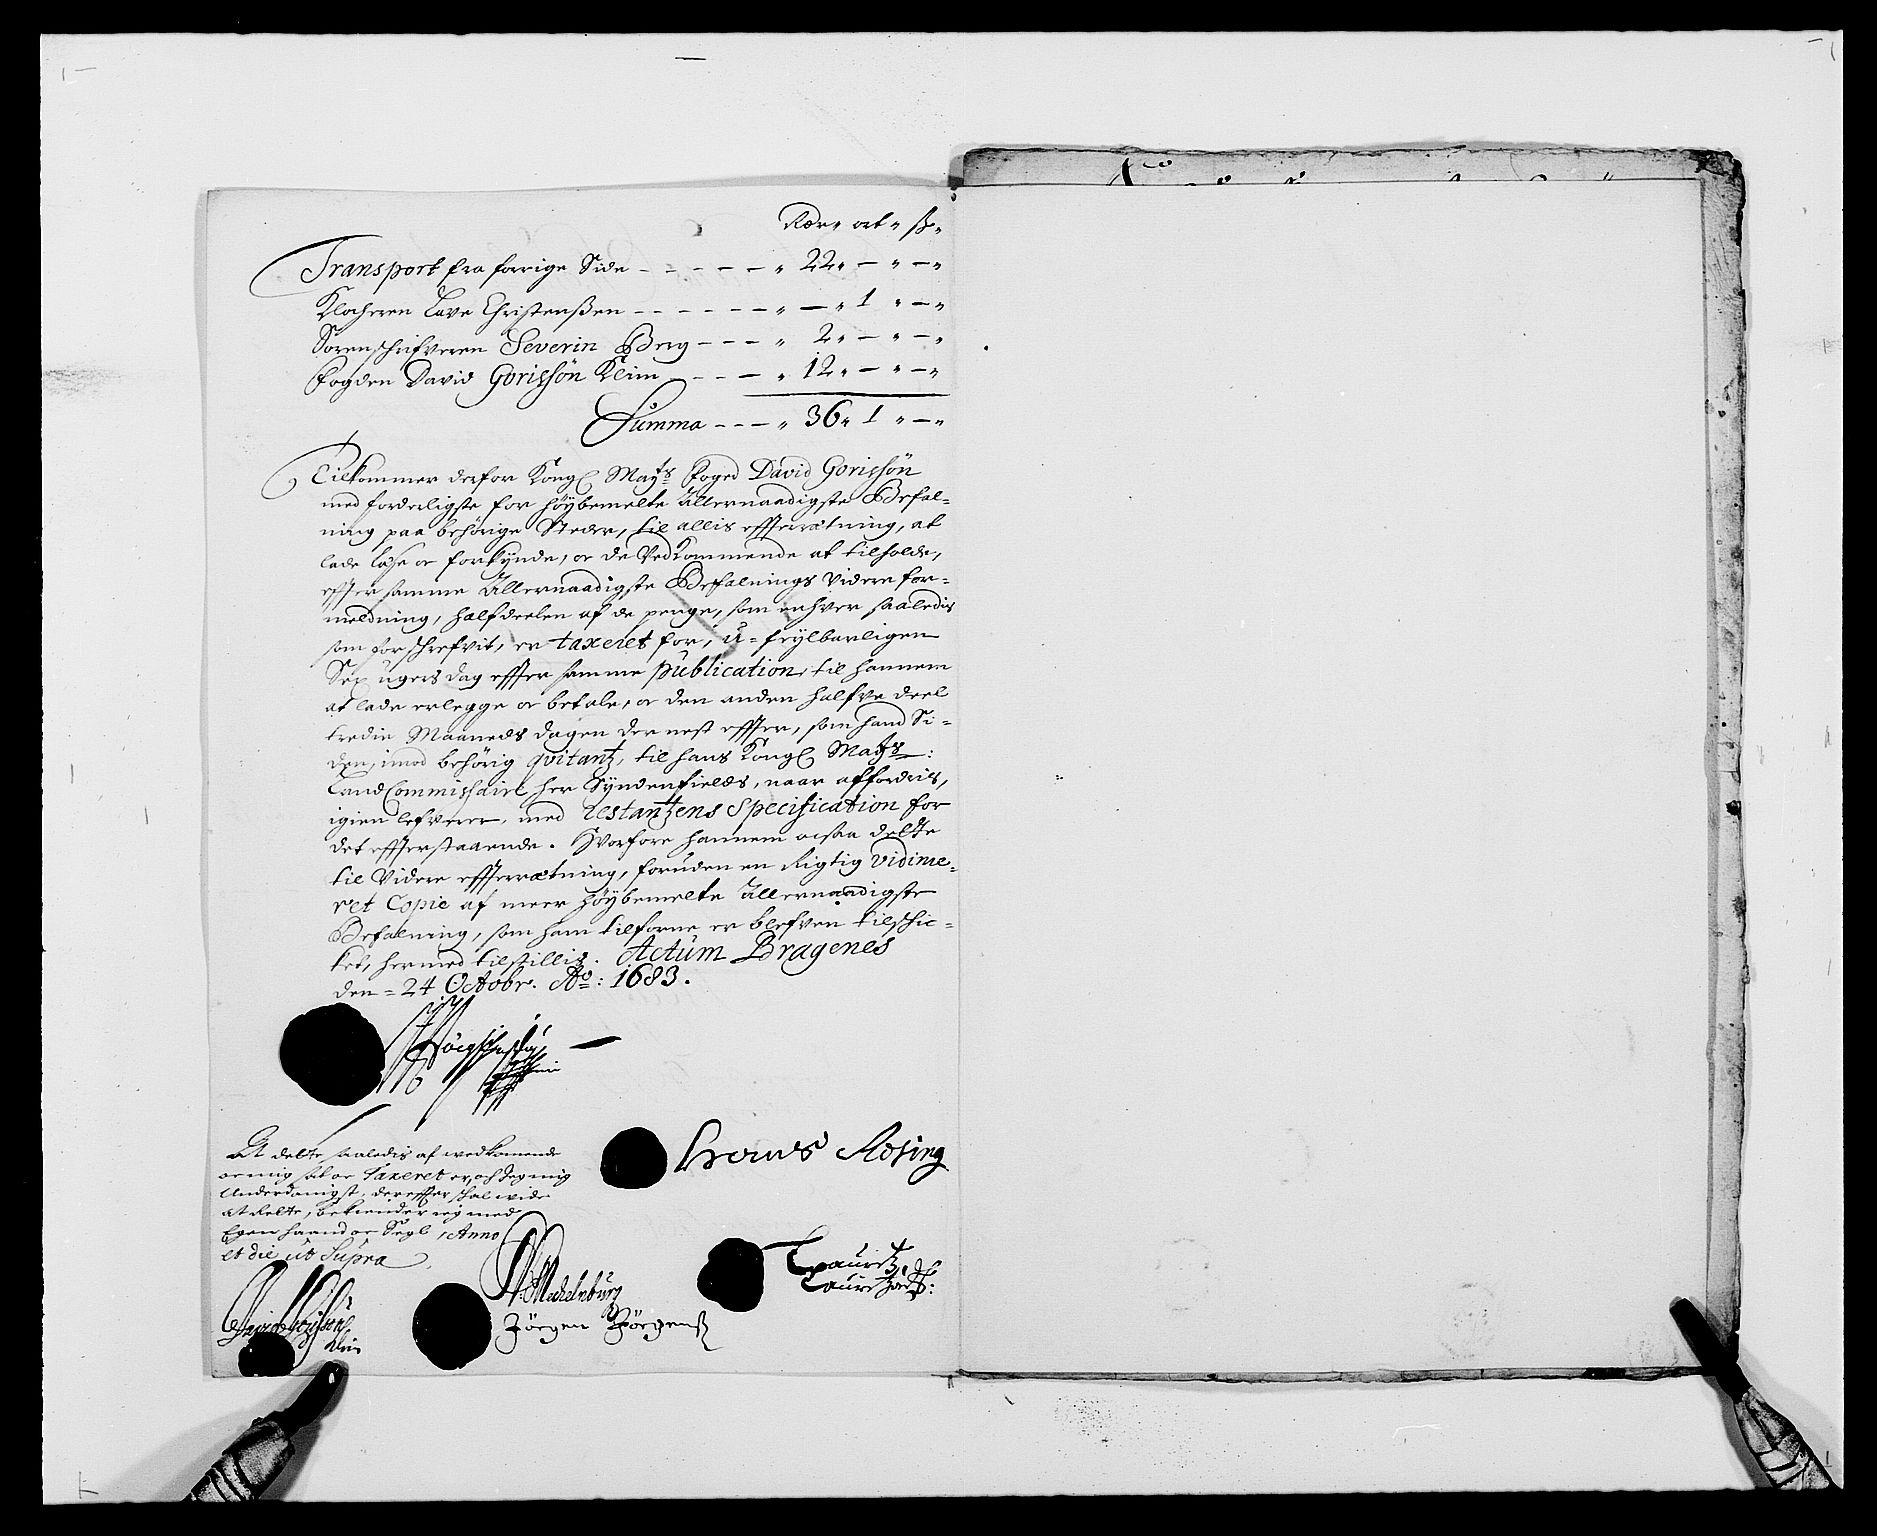 RA, Rentekammeret inntil 1814, Reviderte regnskaper, Fogderegnskap, R24/L1570: Fogderegnskap Numedal og Sandsvær, 1679-1686, s. 360